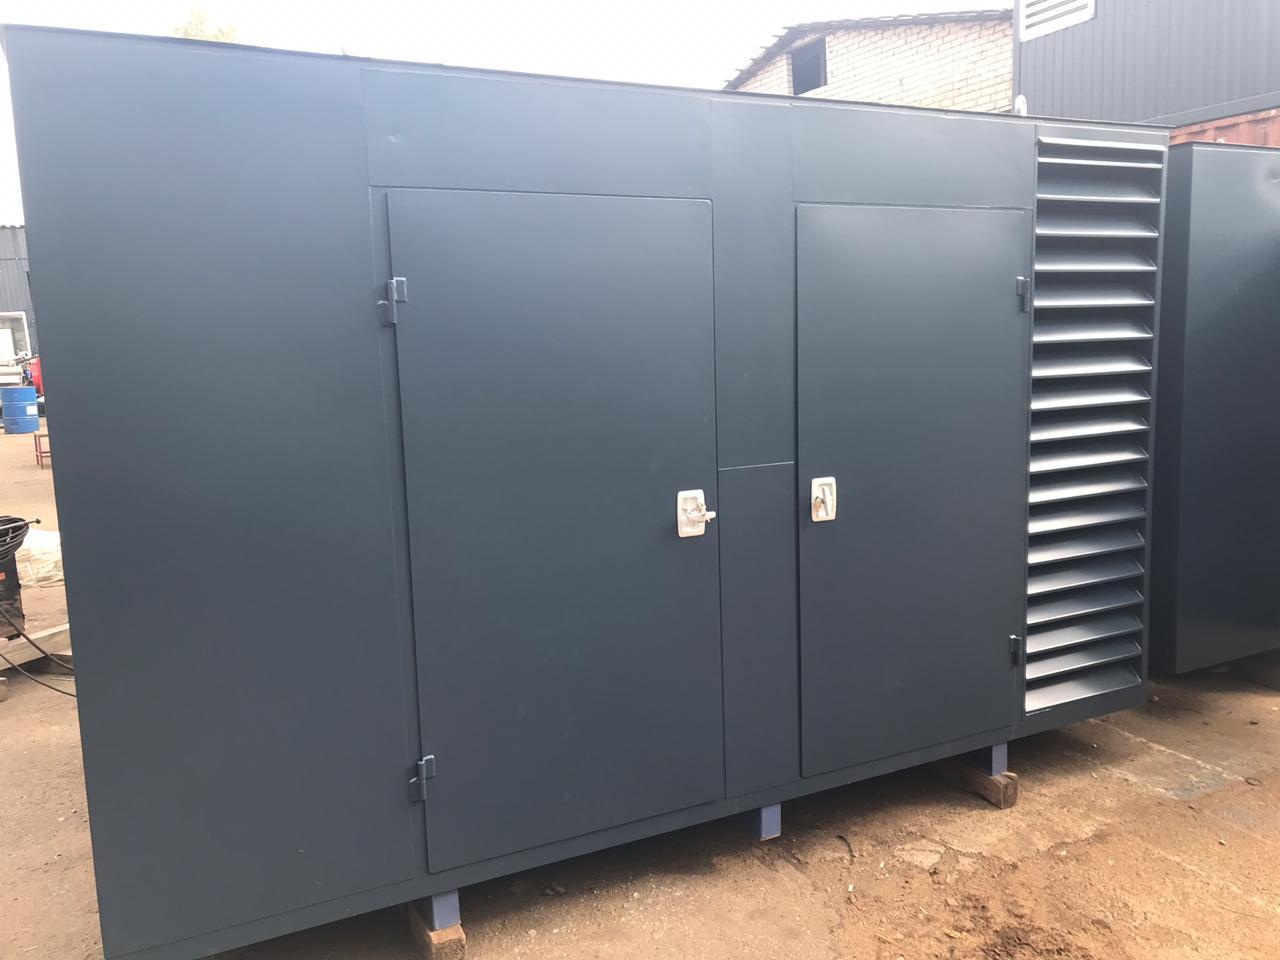 электроагрегат газопоршневой 100 кВт, эгп-100